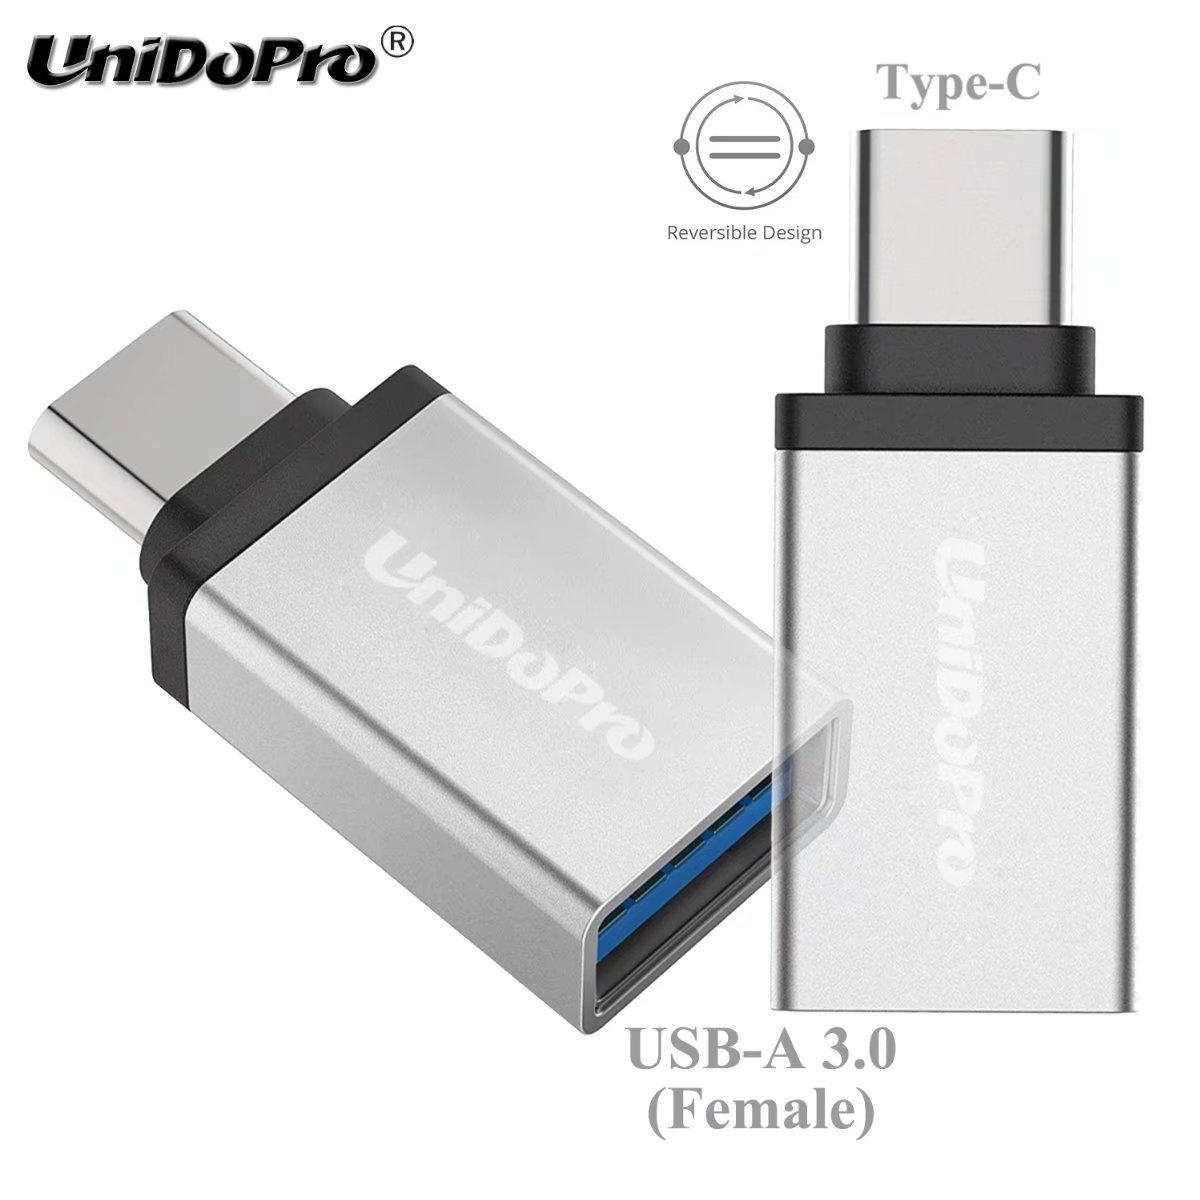 Adaptateur Usb C Vers Usb A 30 Convertisseur Otg De Type C Pour Chargeur De Synchronisation De Données De Téléphone Pixel 2 Pixel 2 Xl Et Nexus 5x